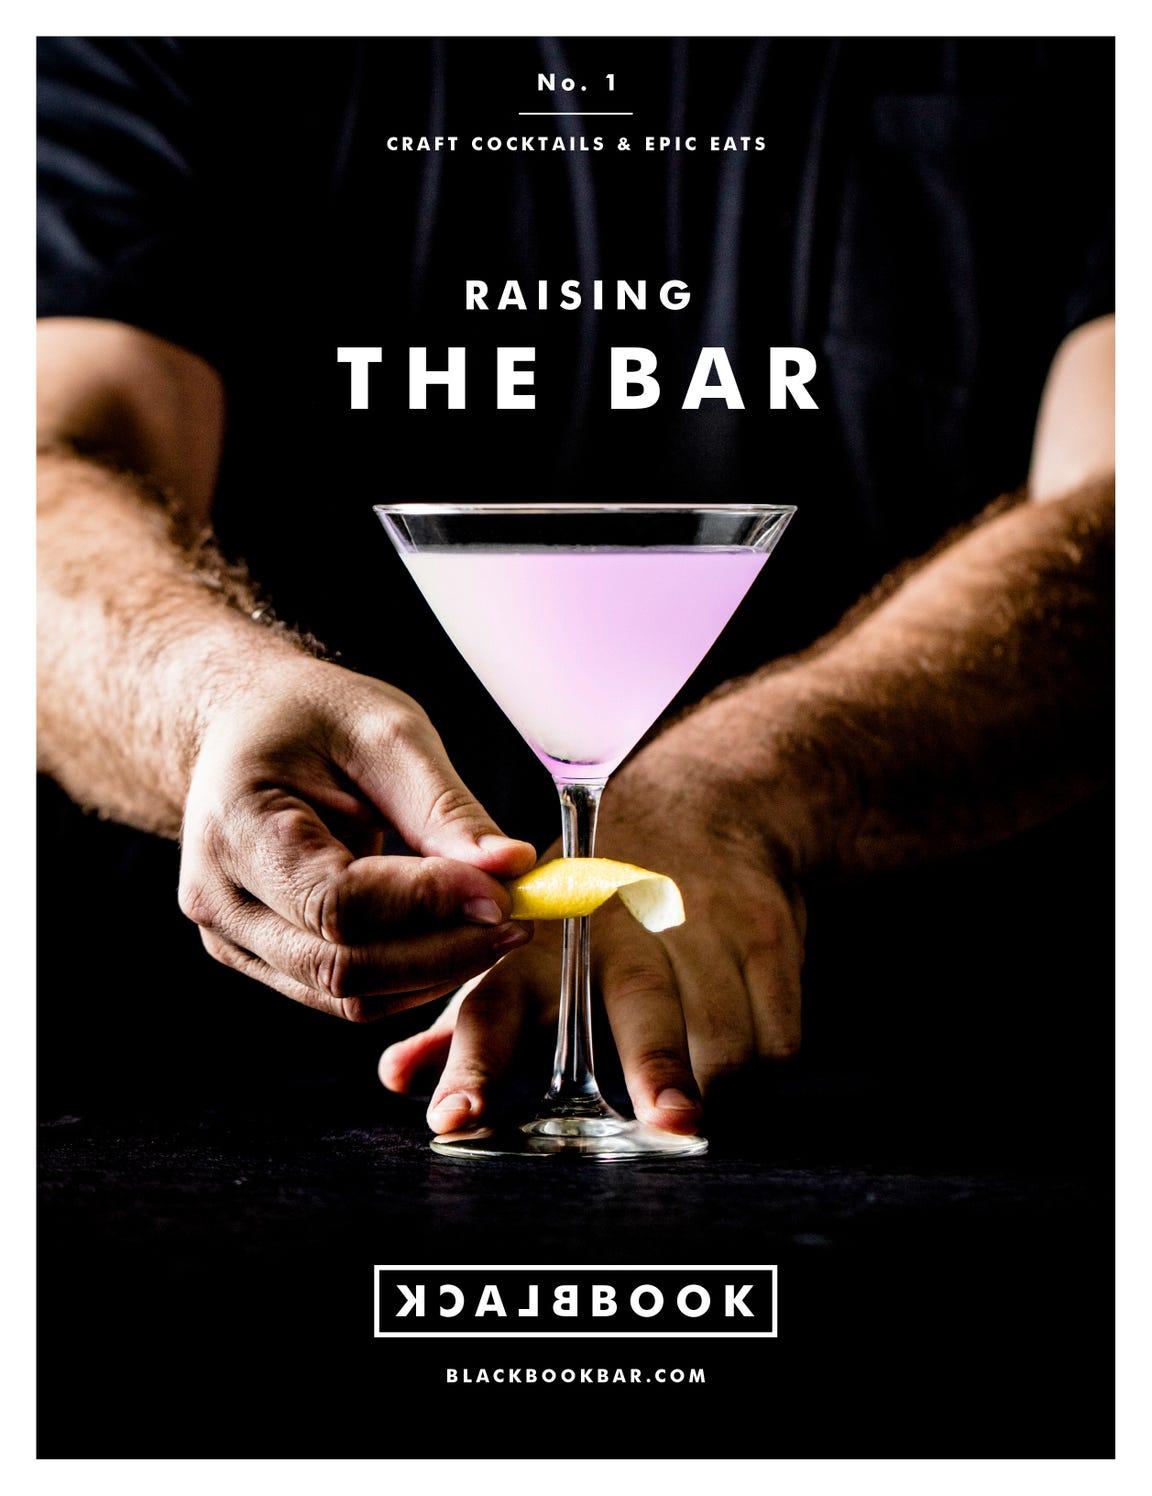 Blackbook Bar in Palm Springs.